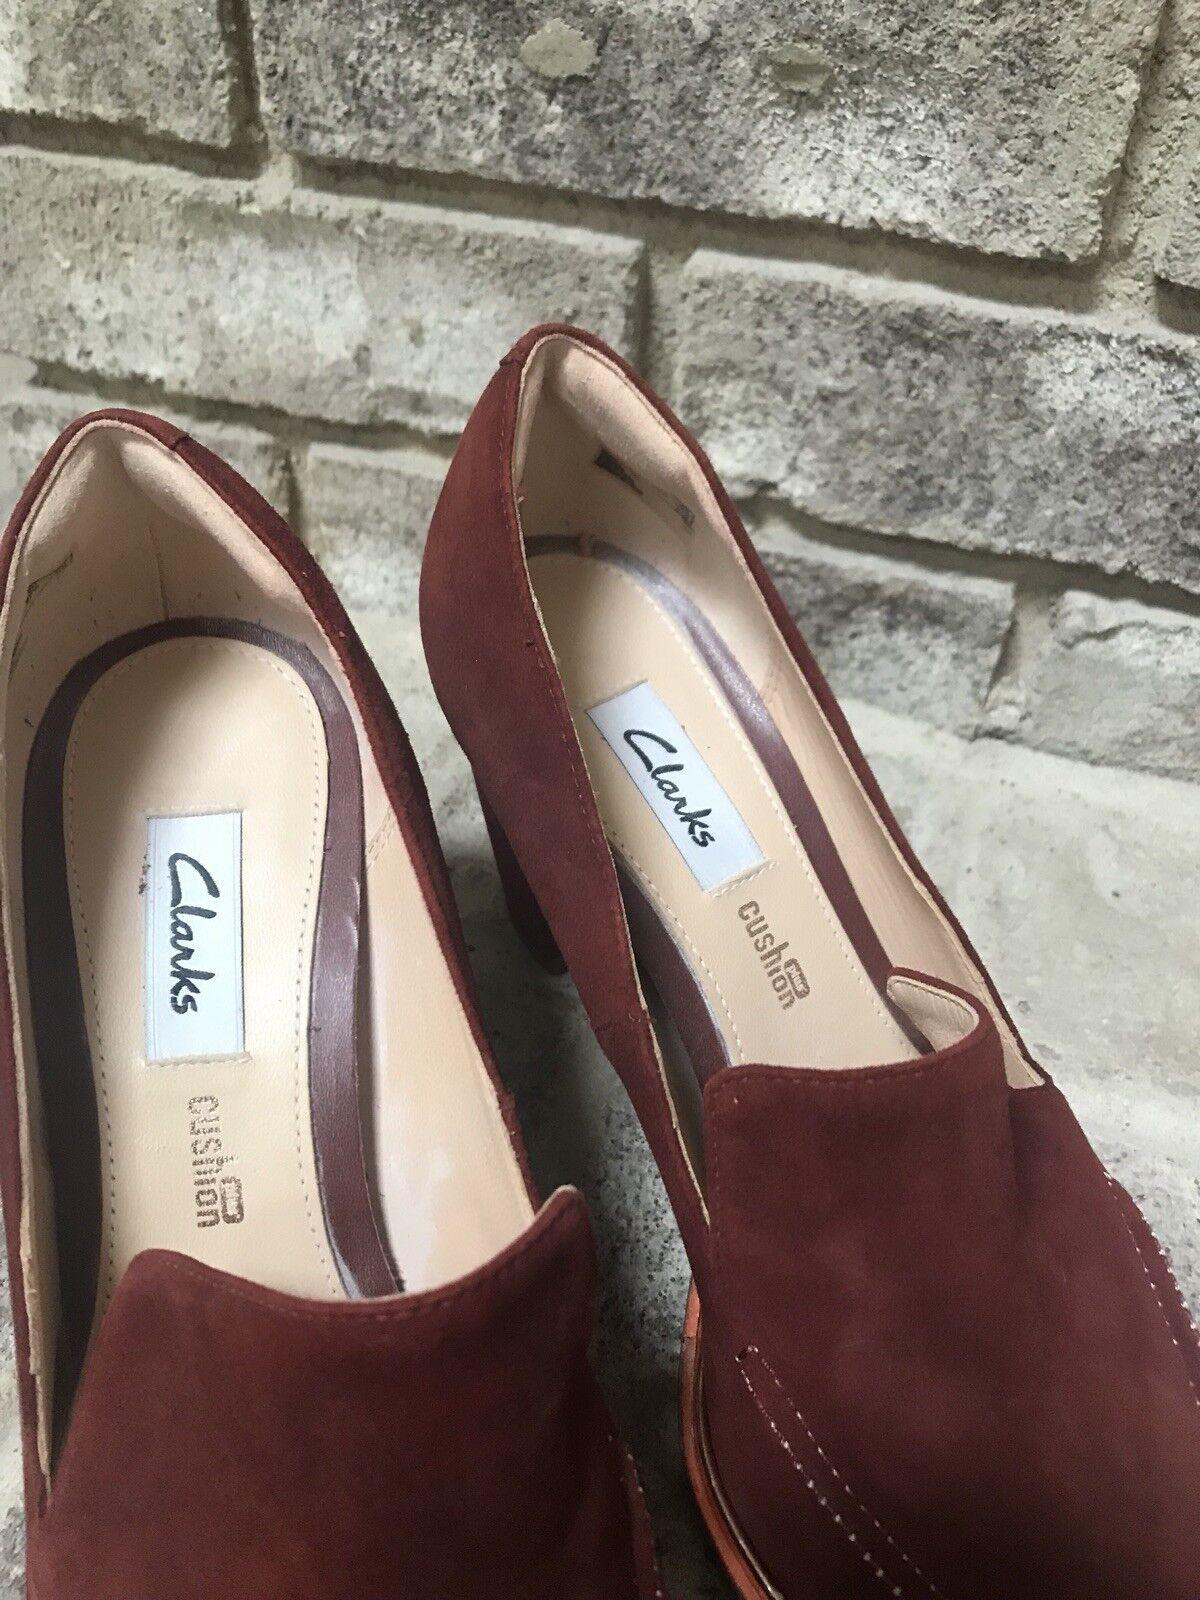 Clarks Mujer Zapatos Zapatos Zapatos ee. UU. 7 M UK 4 1 2 Tacón Ellis Mable moho suede slip on-Nuevo 227cce